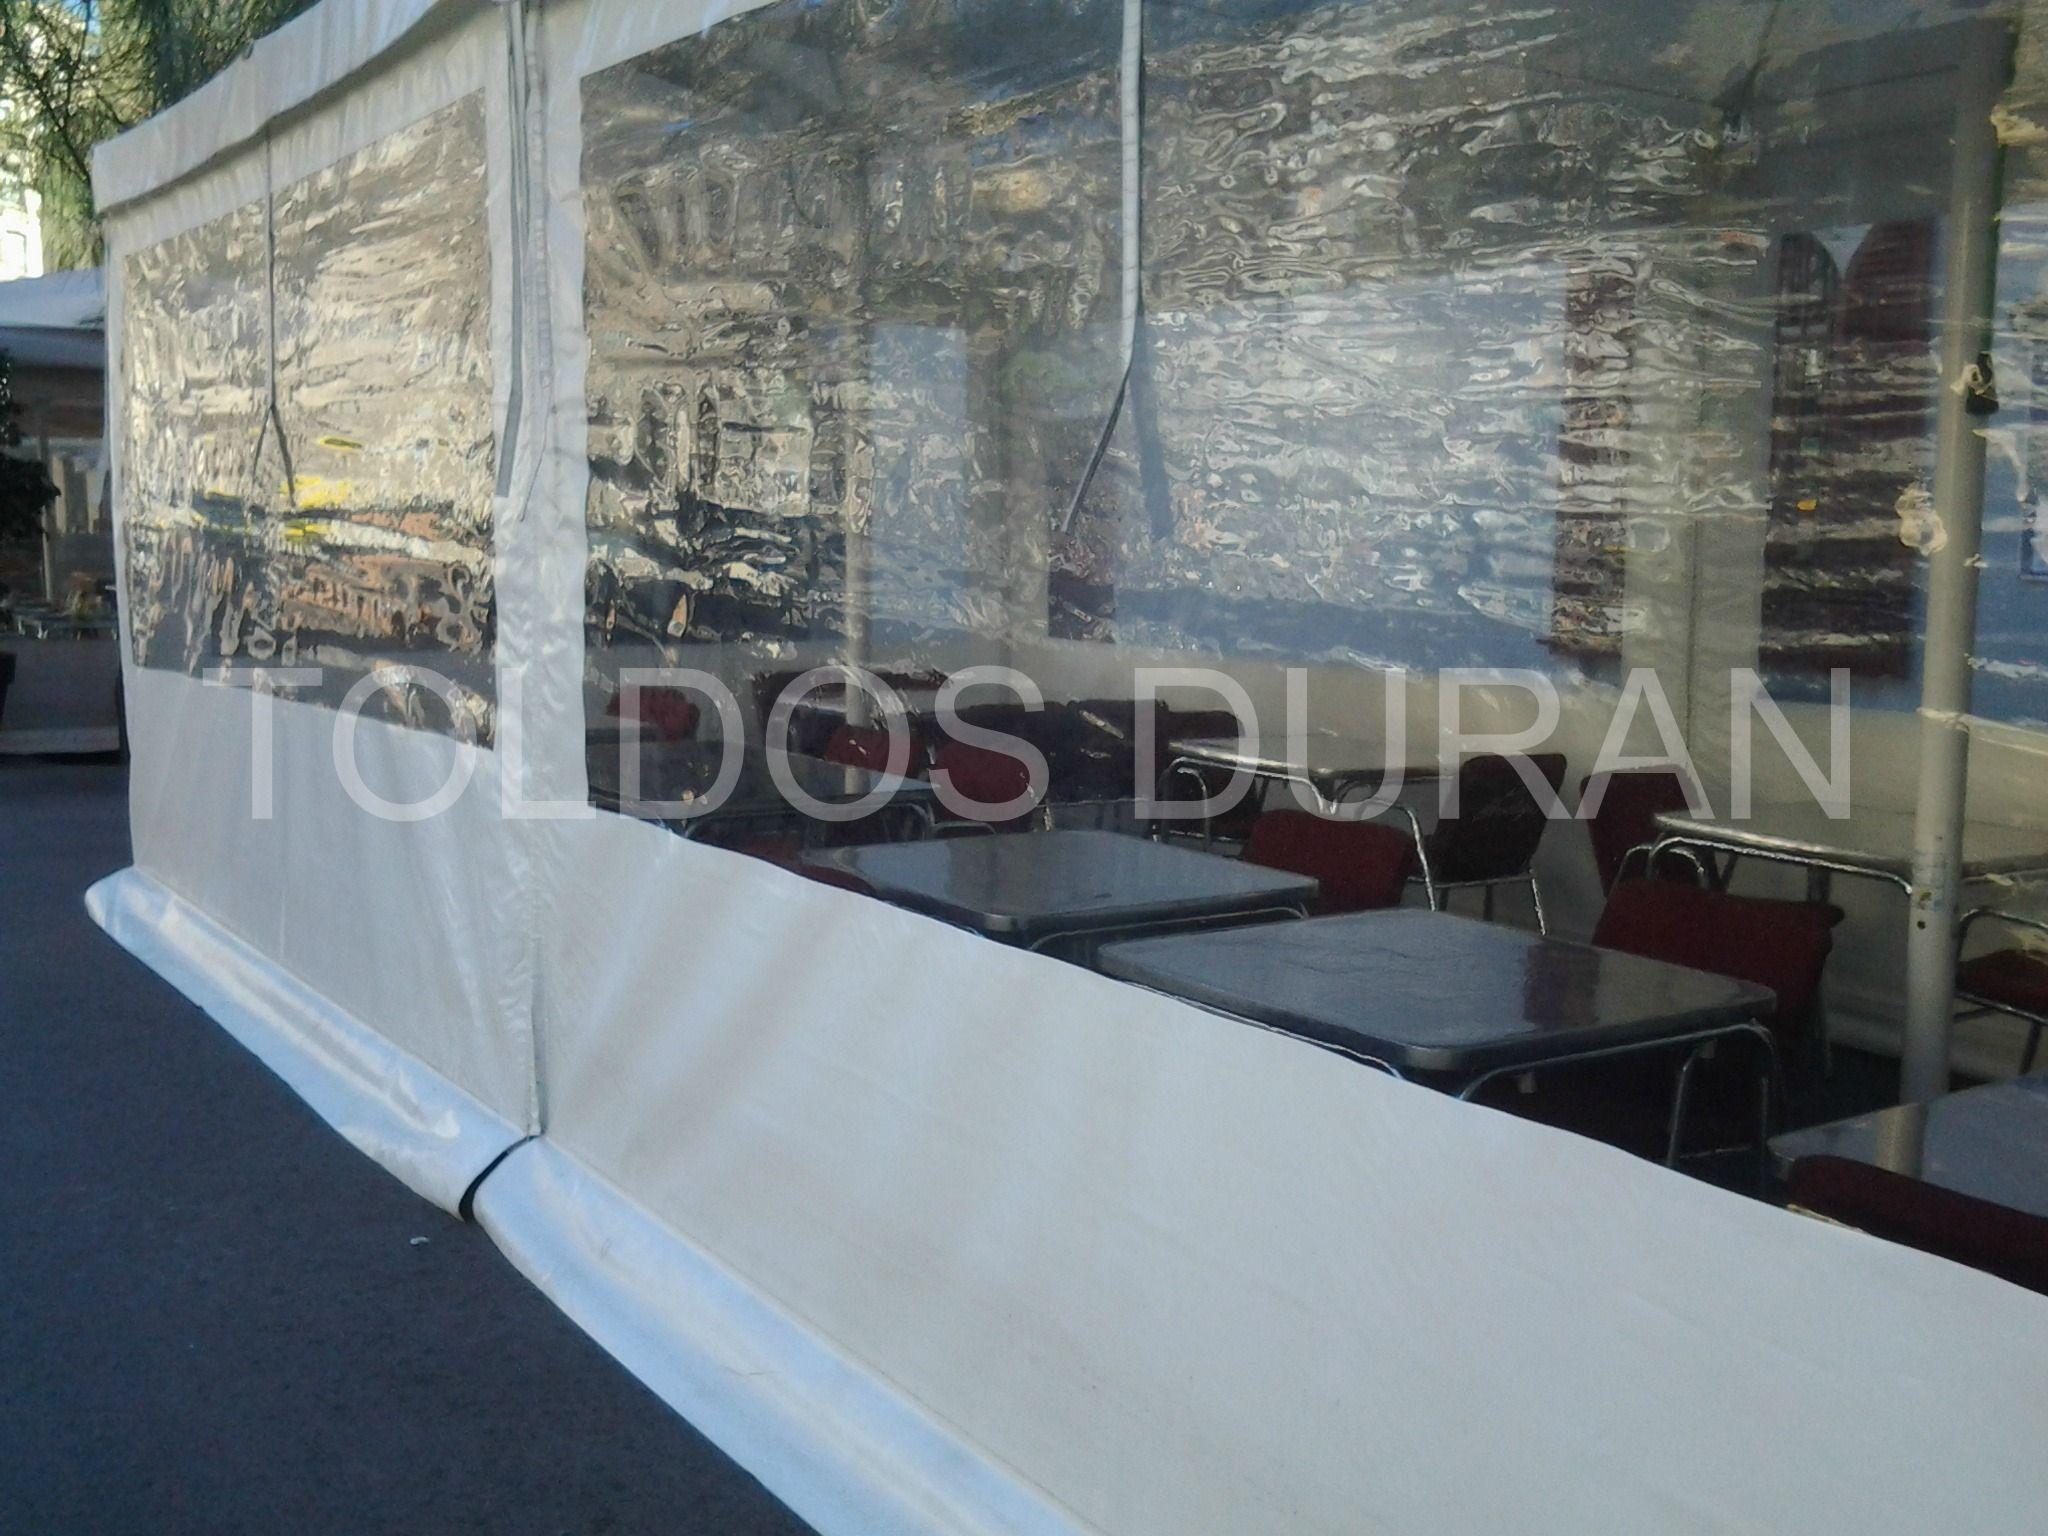 Instalación: Productos y servicios de Toldos Durán